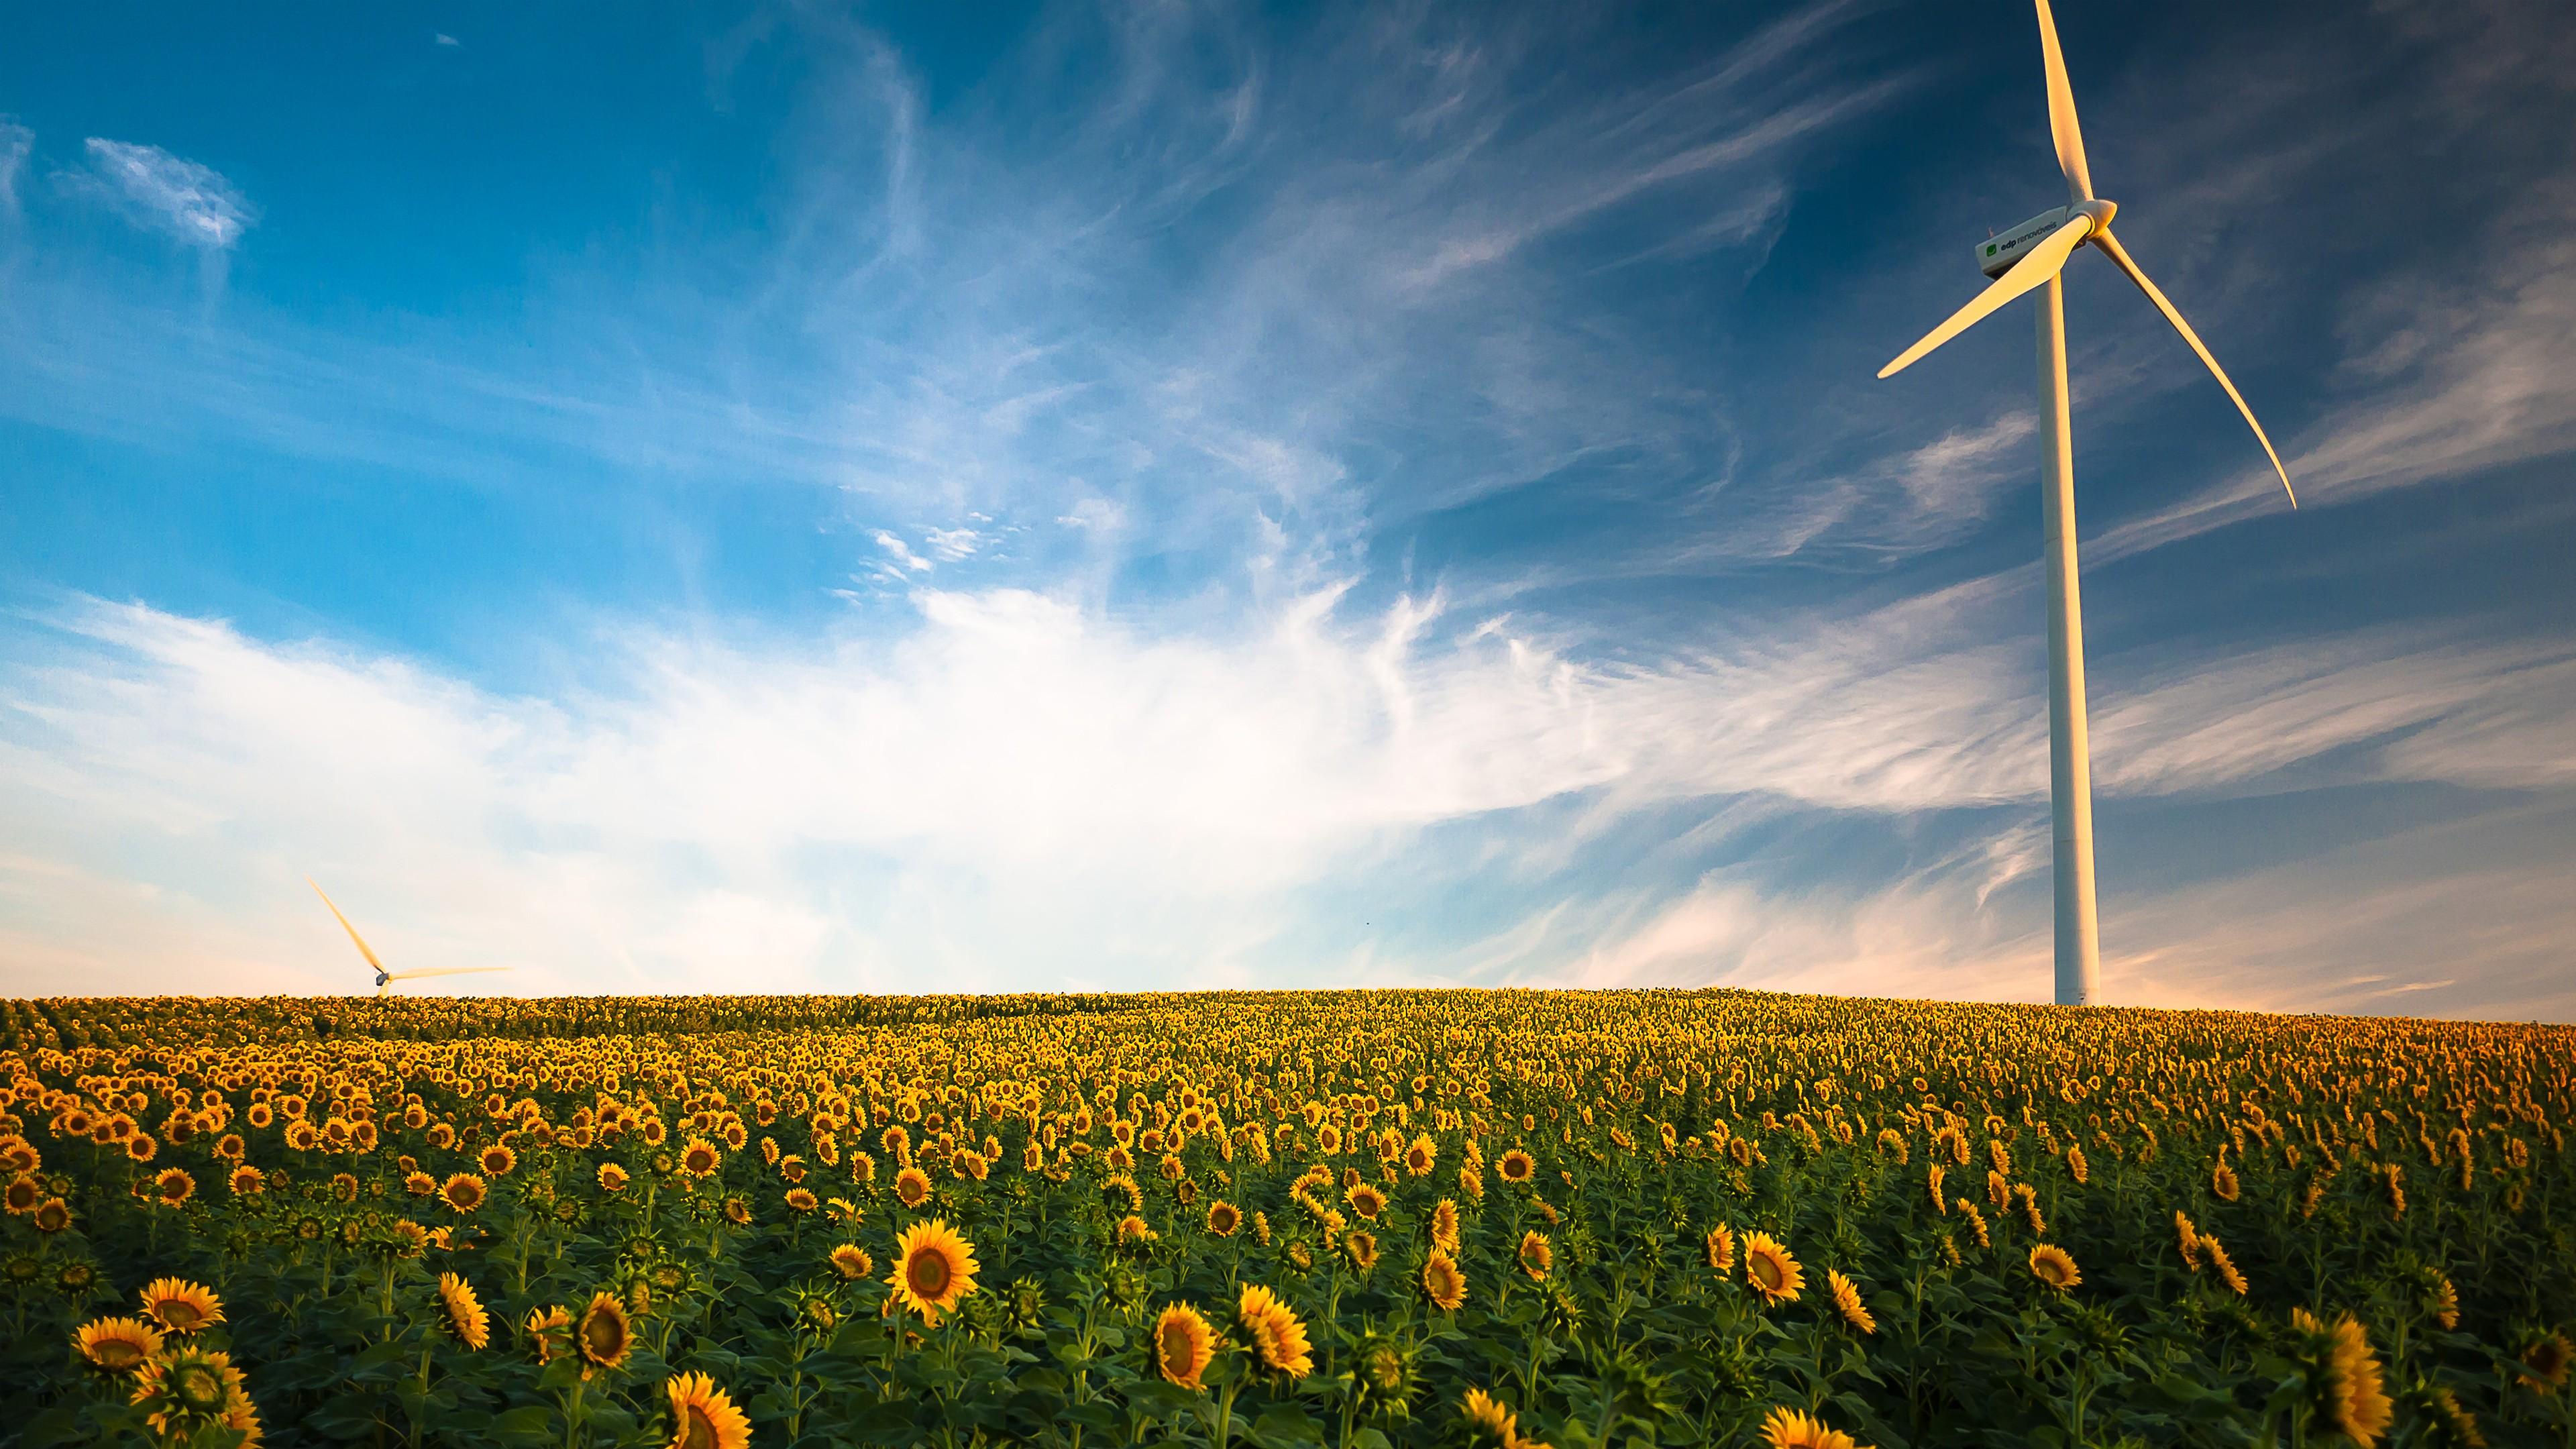 Sunflower fields wallpaper